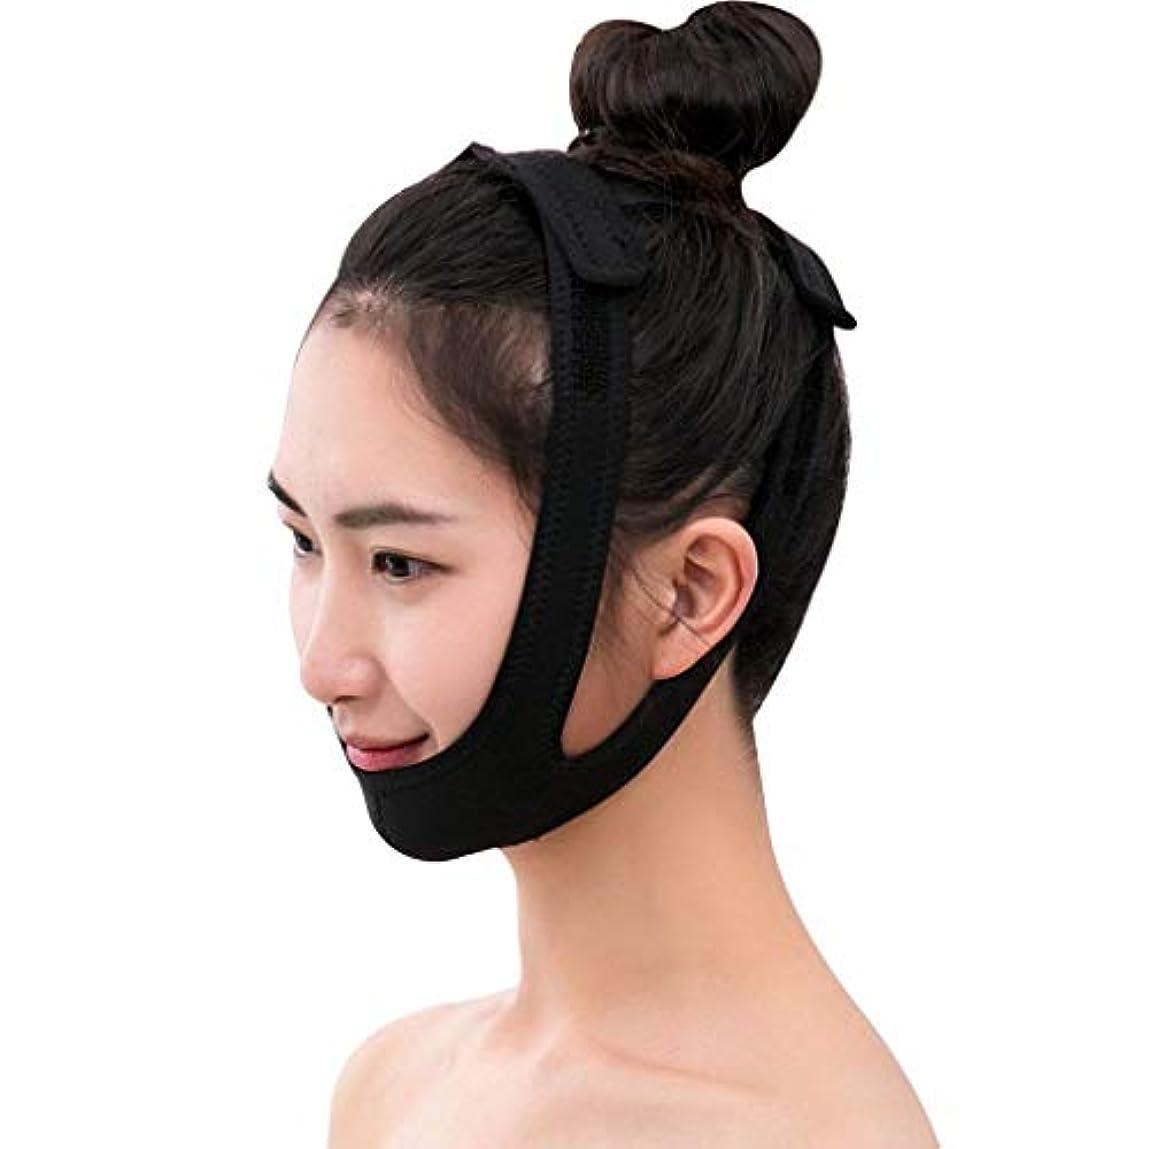 バウンドとしてやむを得ないフェイススリミングマスク、フェイスリフティングバンデージ-Vシェイプフェイスマスク-シェイピングアンドリフティング-ダブルチンストラップ-ビューティーネックマスクフェイスリフトアップ-リデュースダブルチンバンデージ-顔補正ベルト